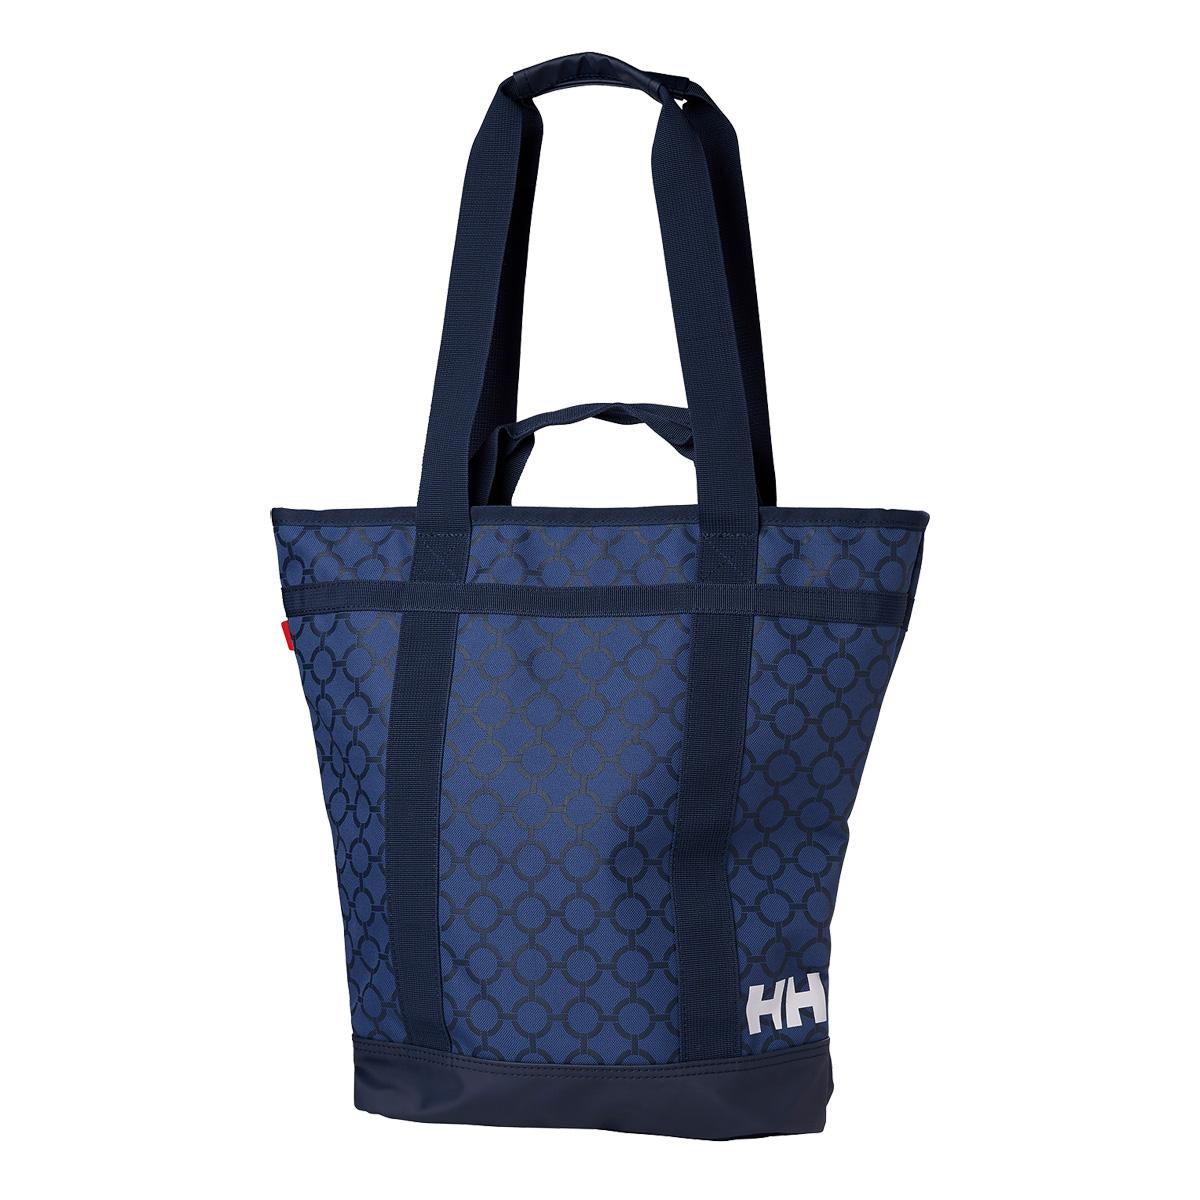 HELLY HANSEN WOMEN'S HH ACTIVE BAG (67784)